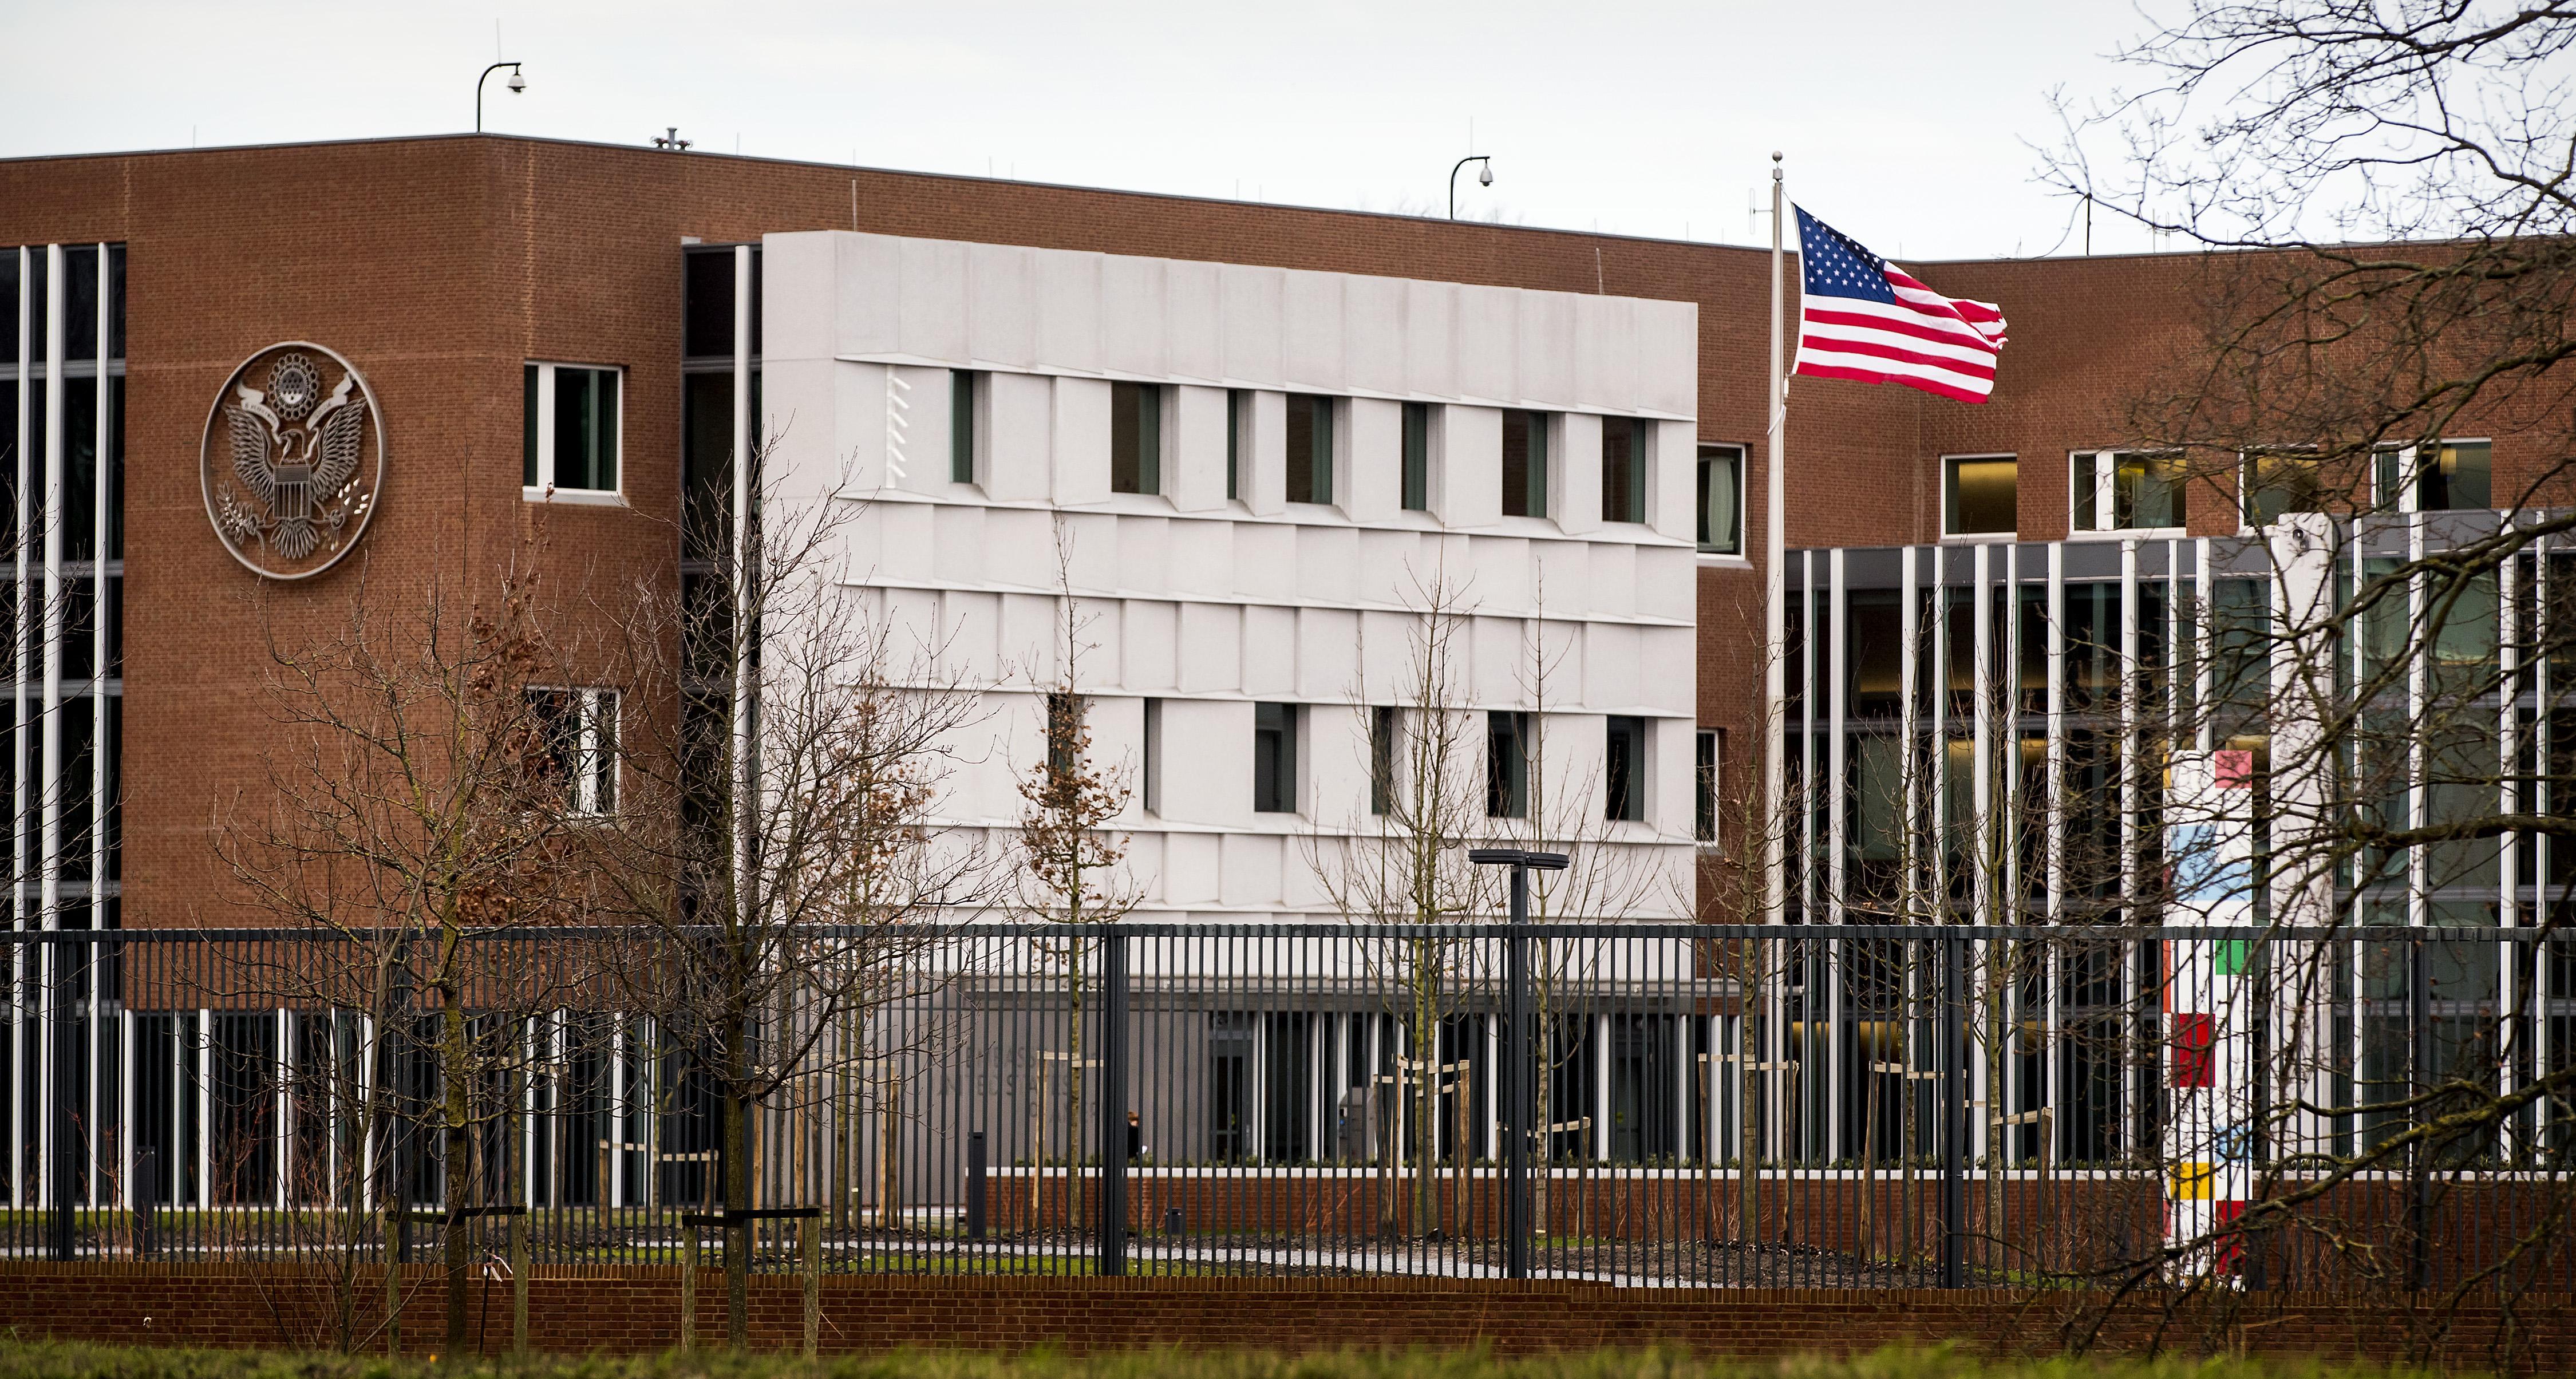 D66 wil opheldering over bijeenkomst FvD op Amerikaanse ambassade in Wassenaar